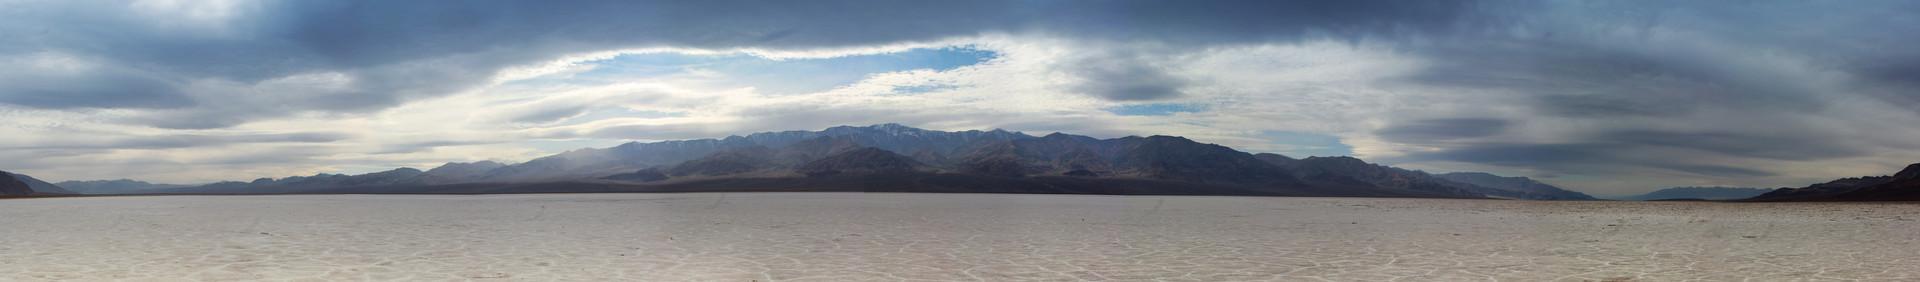 Death Valley, California, USA 1